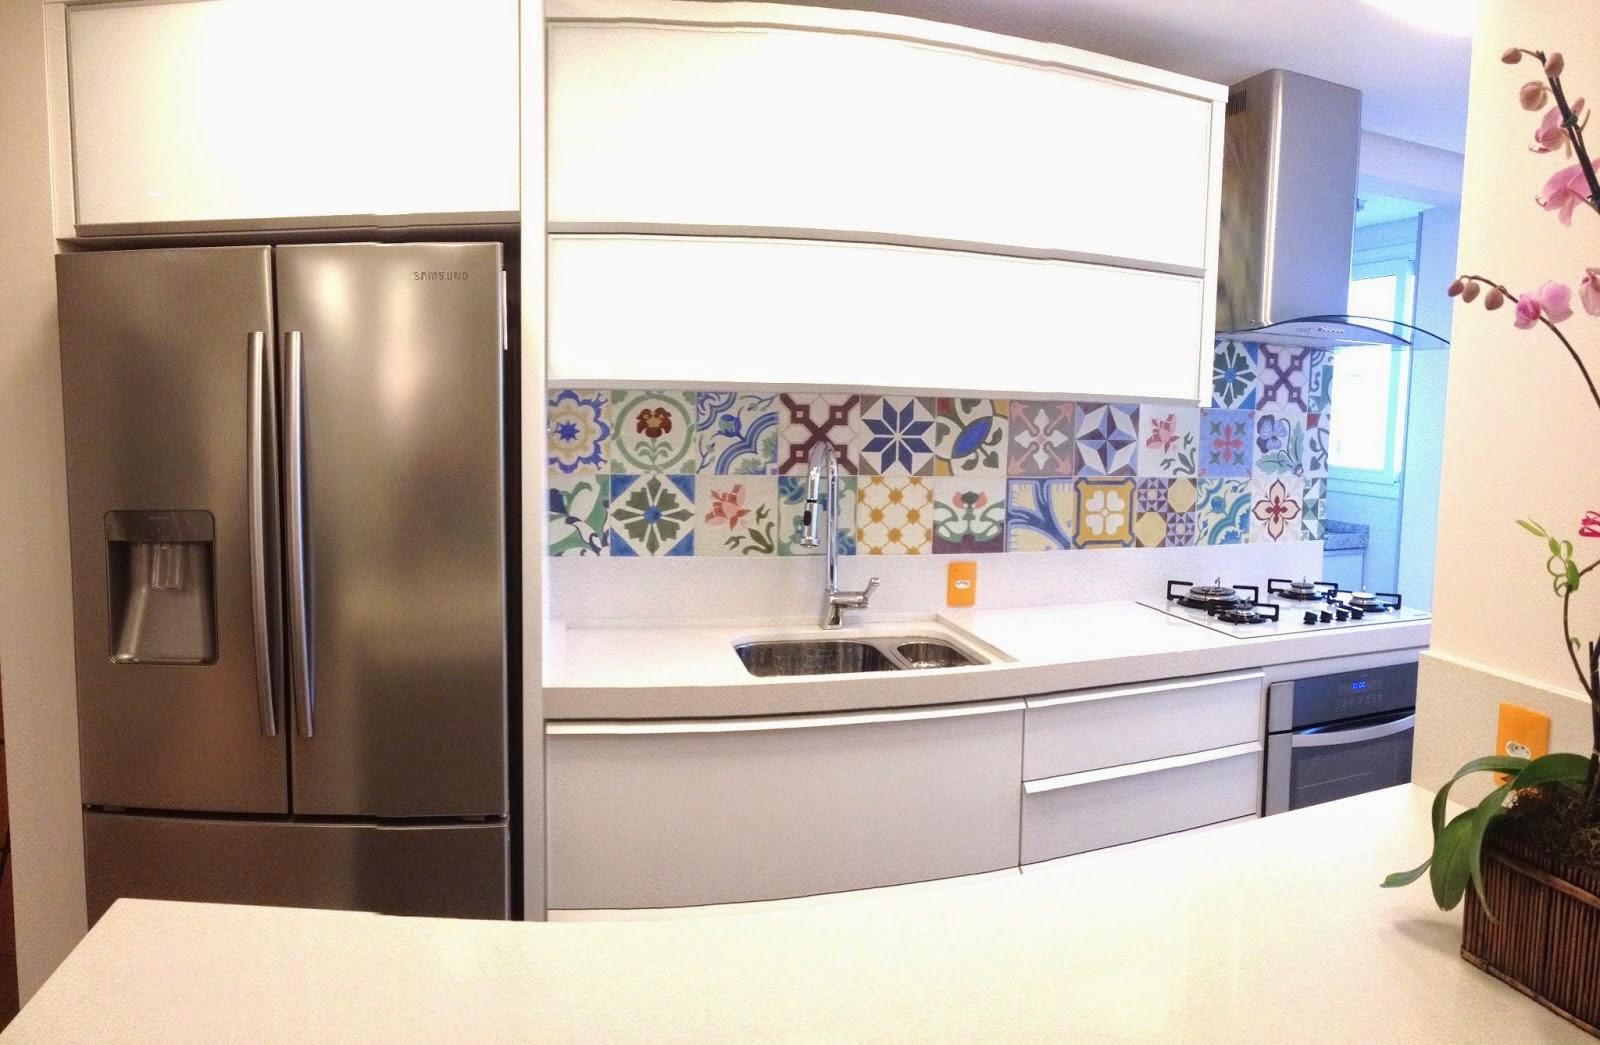 Azulejo Hidraulico Adesivo Adesivo Azulejo Hidraulico Adesivo Azulejo  #1F6BAC 1600x1045 Adesivos Hidraulicos Banheiro